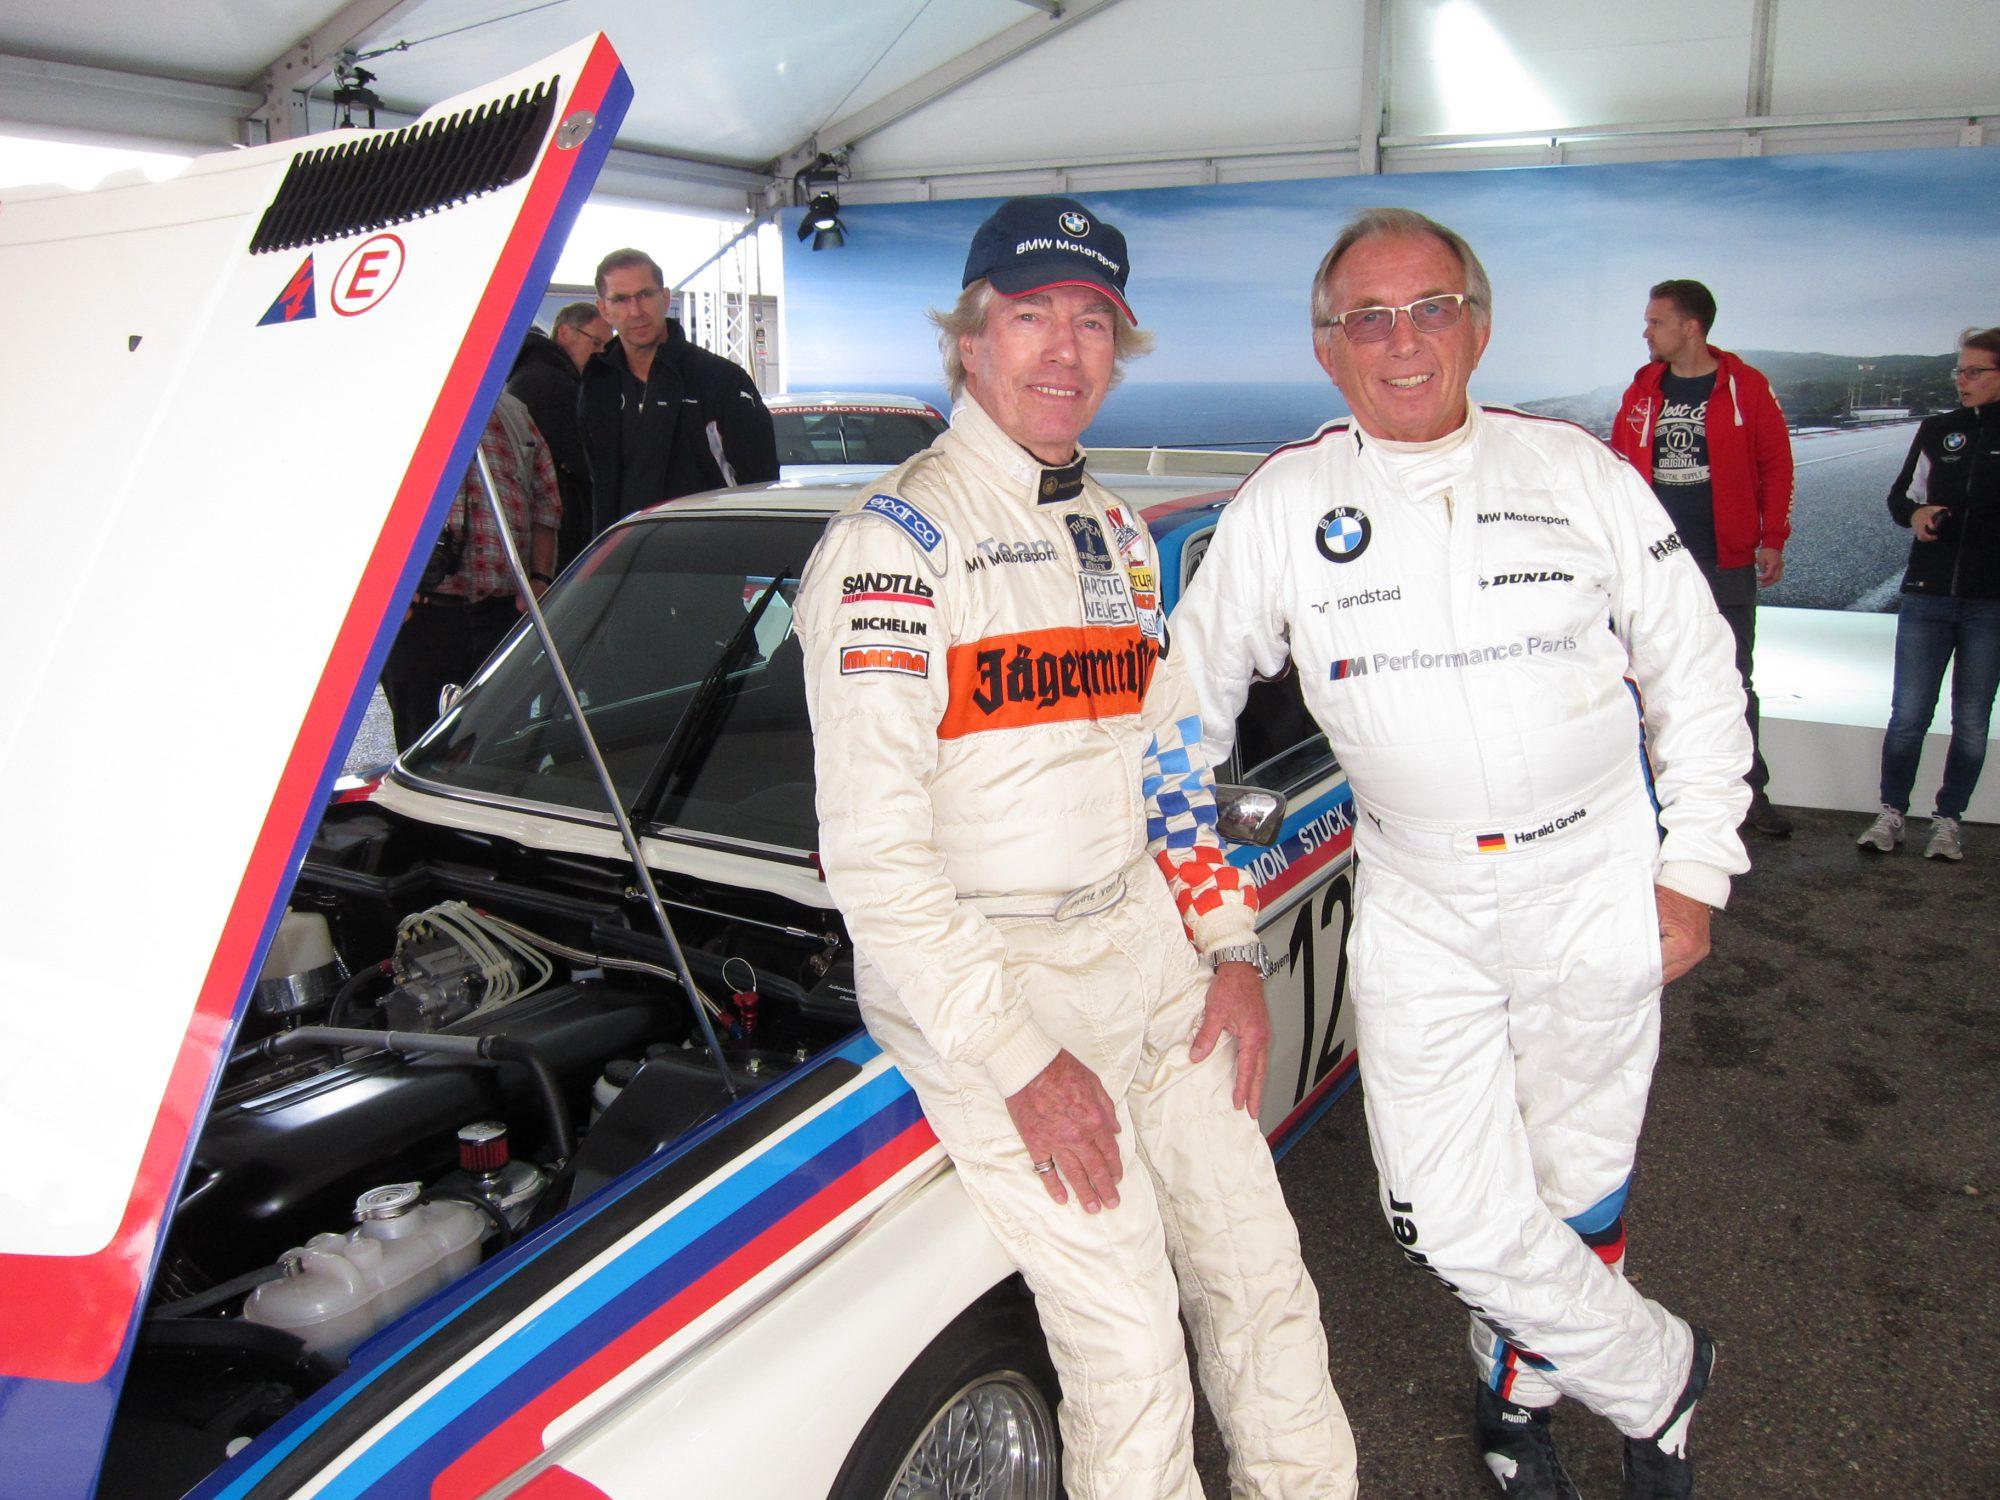 Leopold prins van Beieren (l.) en Harald Grohs. Historic Grand Prix Zandvoort 2016 Voor Journaal